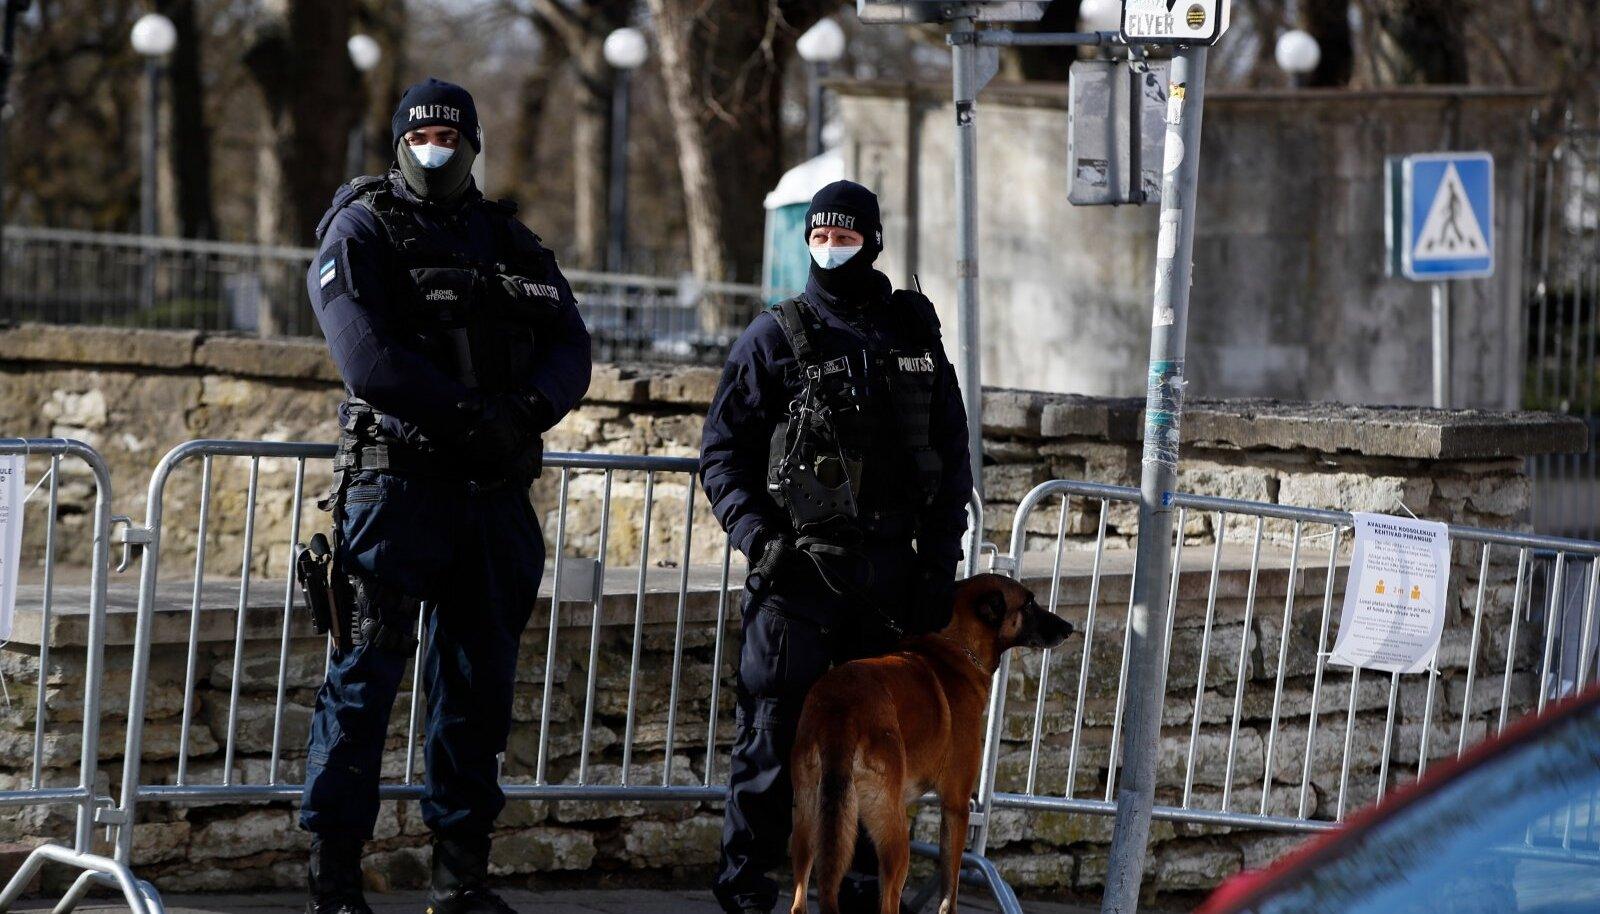 Seadusesse on lisatud võimalus kaasata politseid ja teisi korrakaitseorganeid terviseameti ülesannete täitmisse.